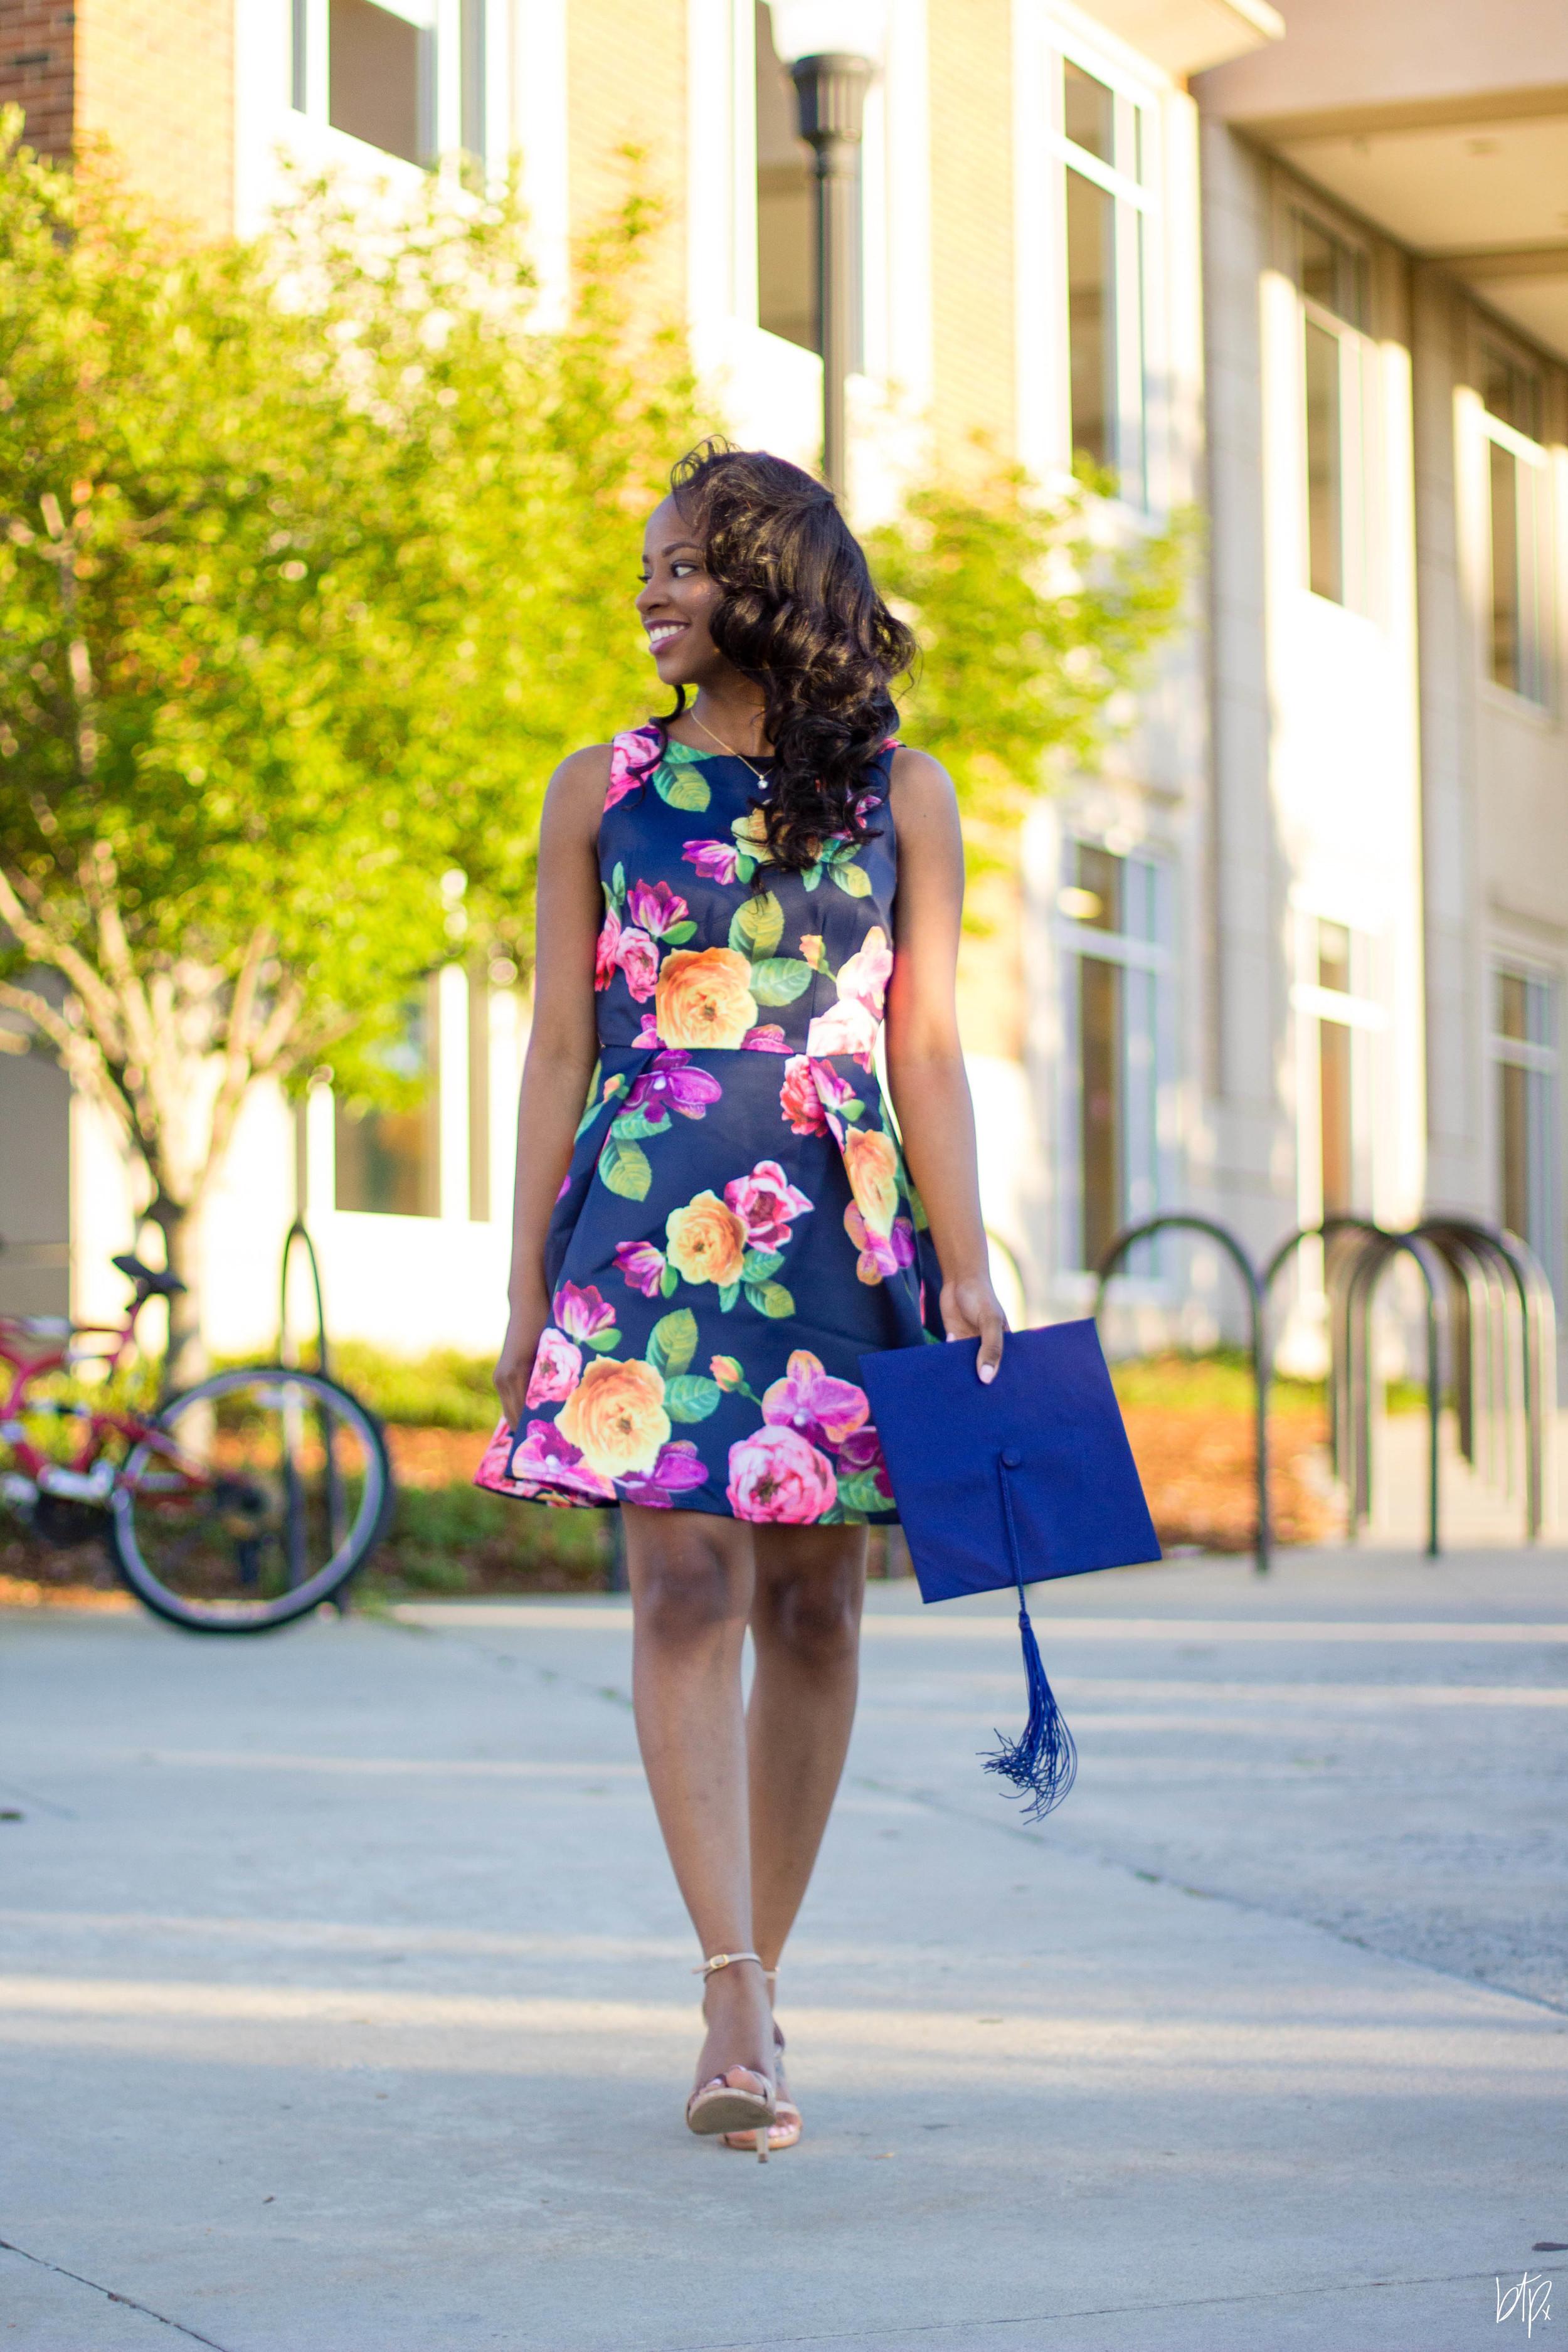 Shanika S | UNCG Class of 2016 | Greensboro NC Senior Photographer | Bryant Tyson Photography | www.memoriesbybryant.com